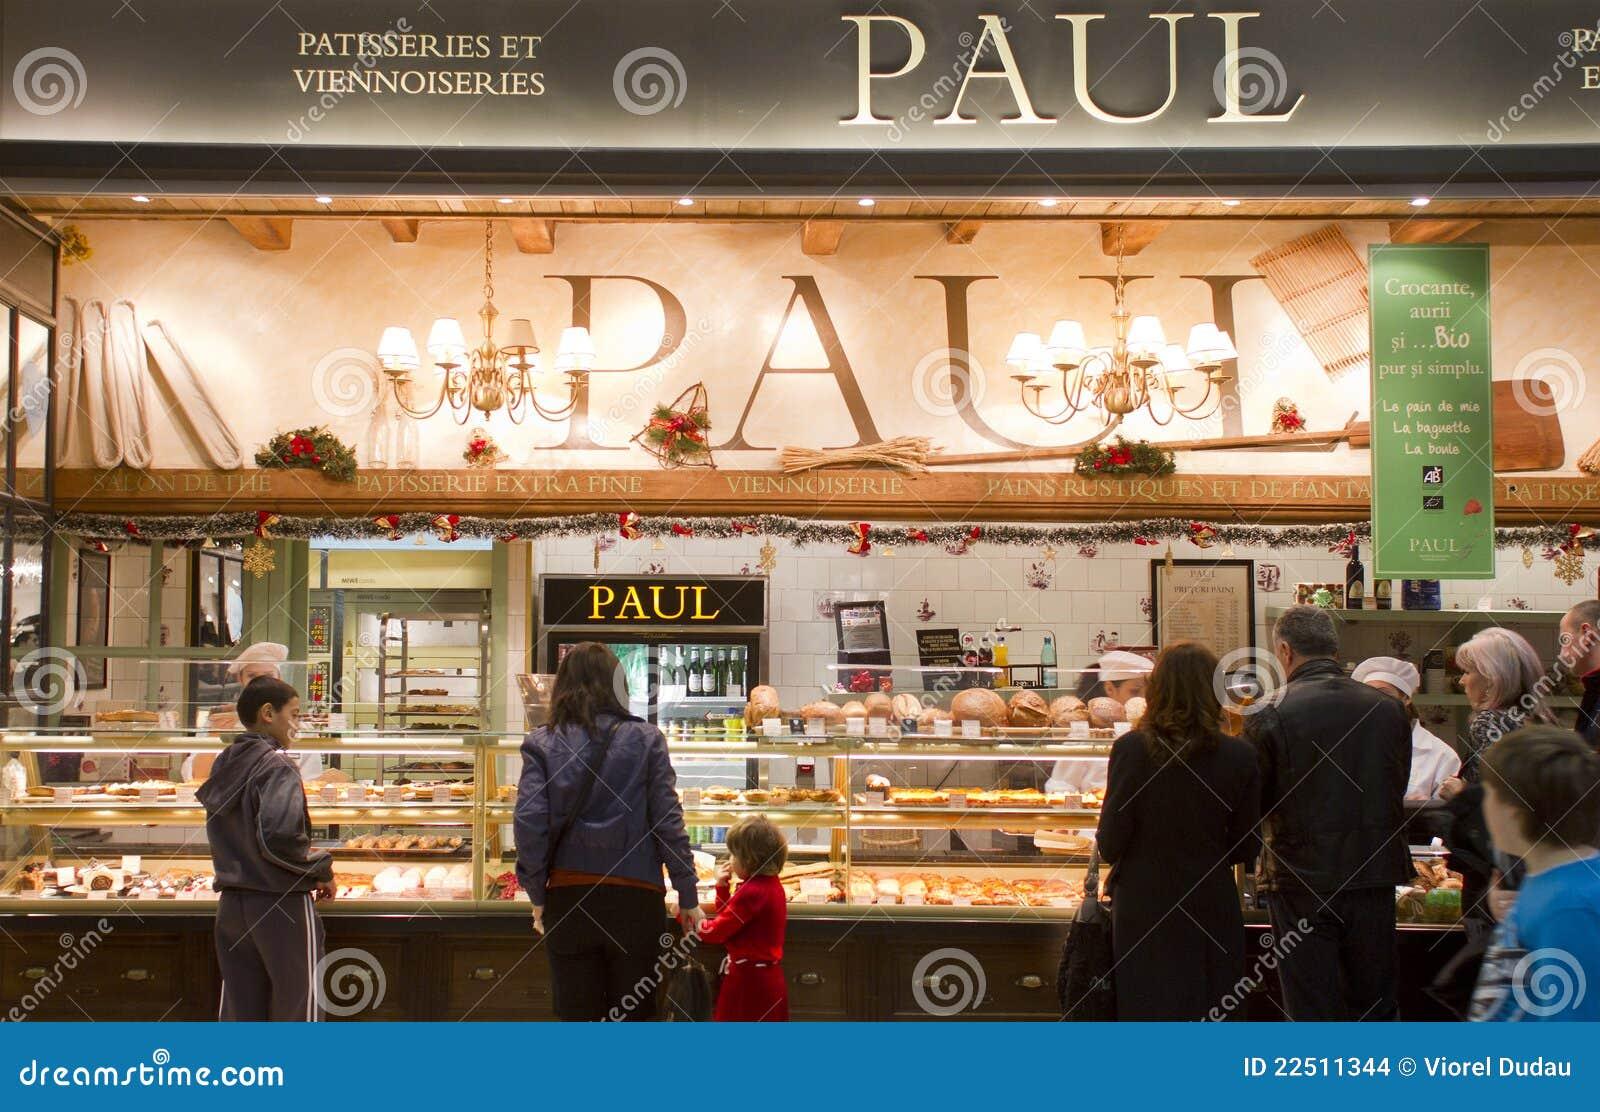 Patisserie Paul